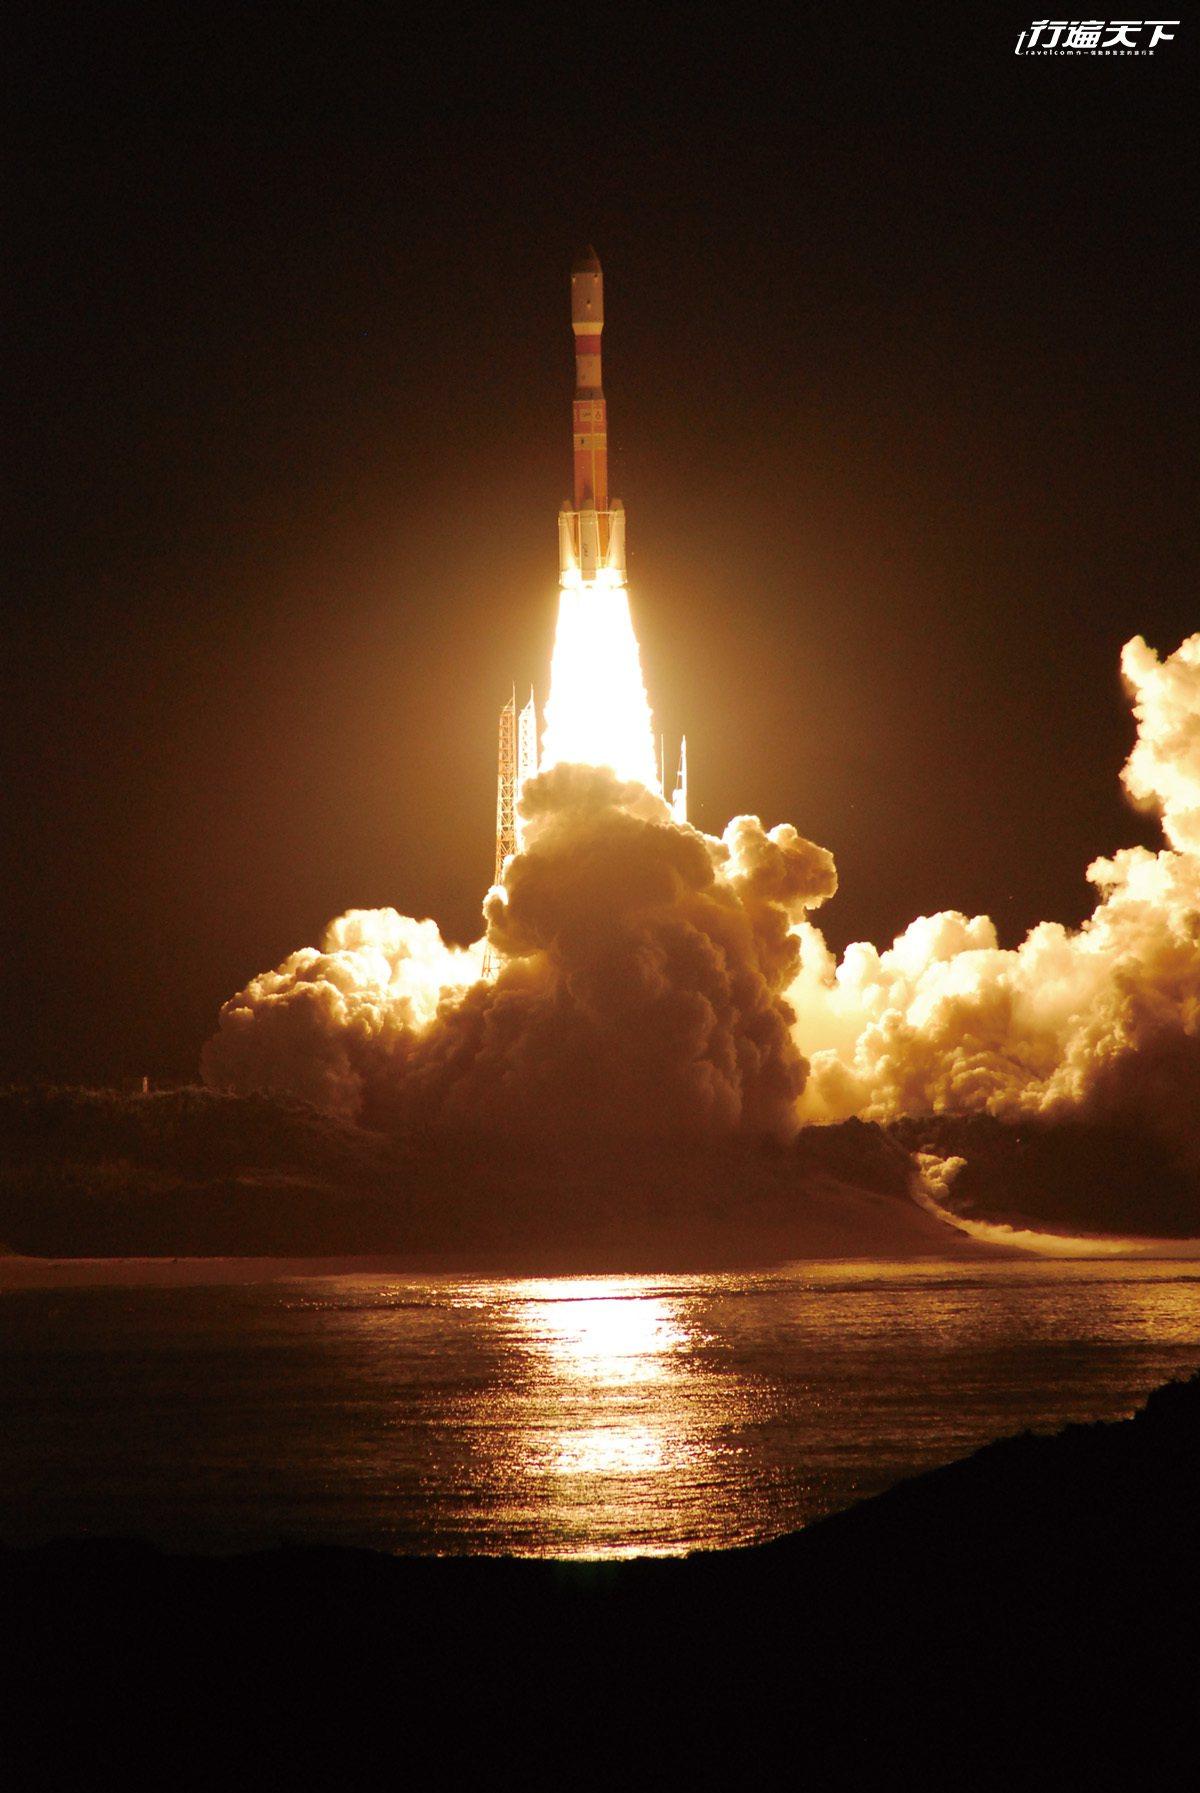 一年內可能會遇見2-4次的火箭發射,吸引各地宇宙迷前來朝聖。